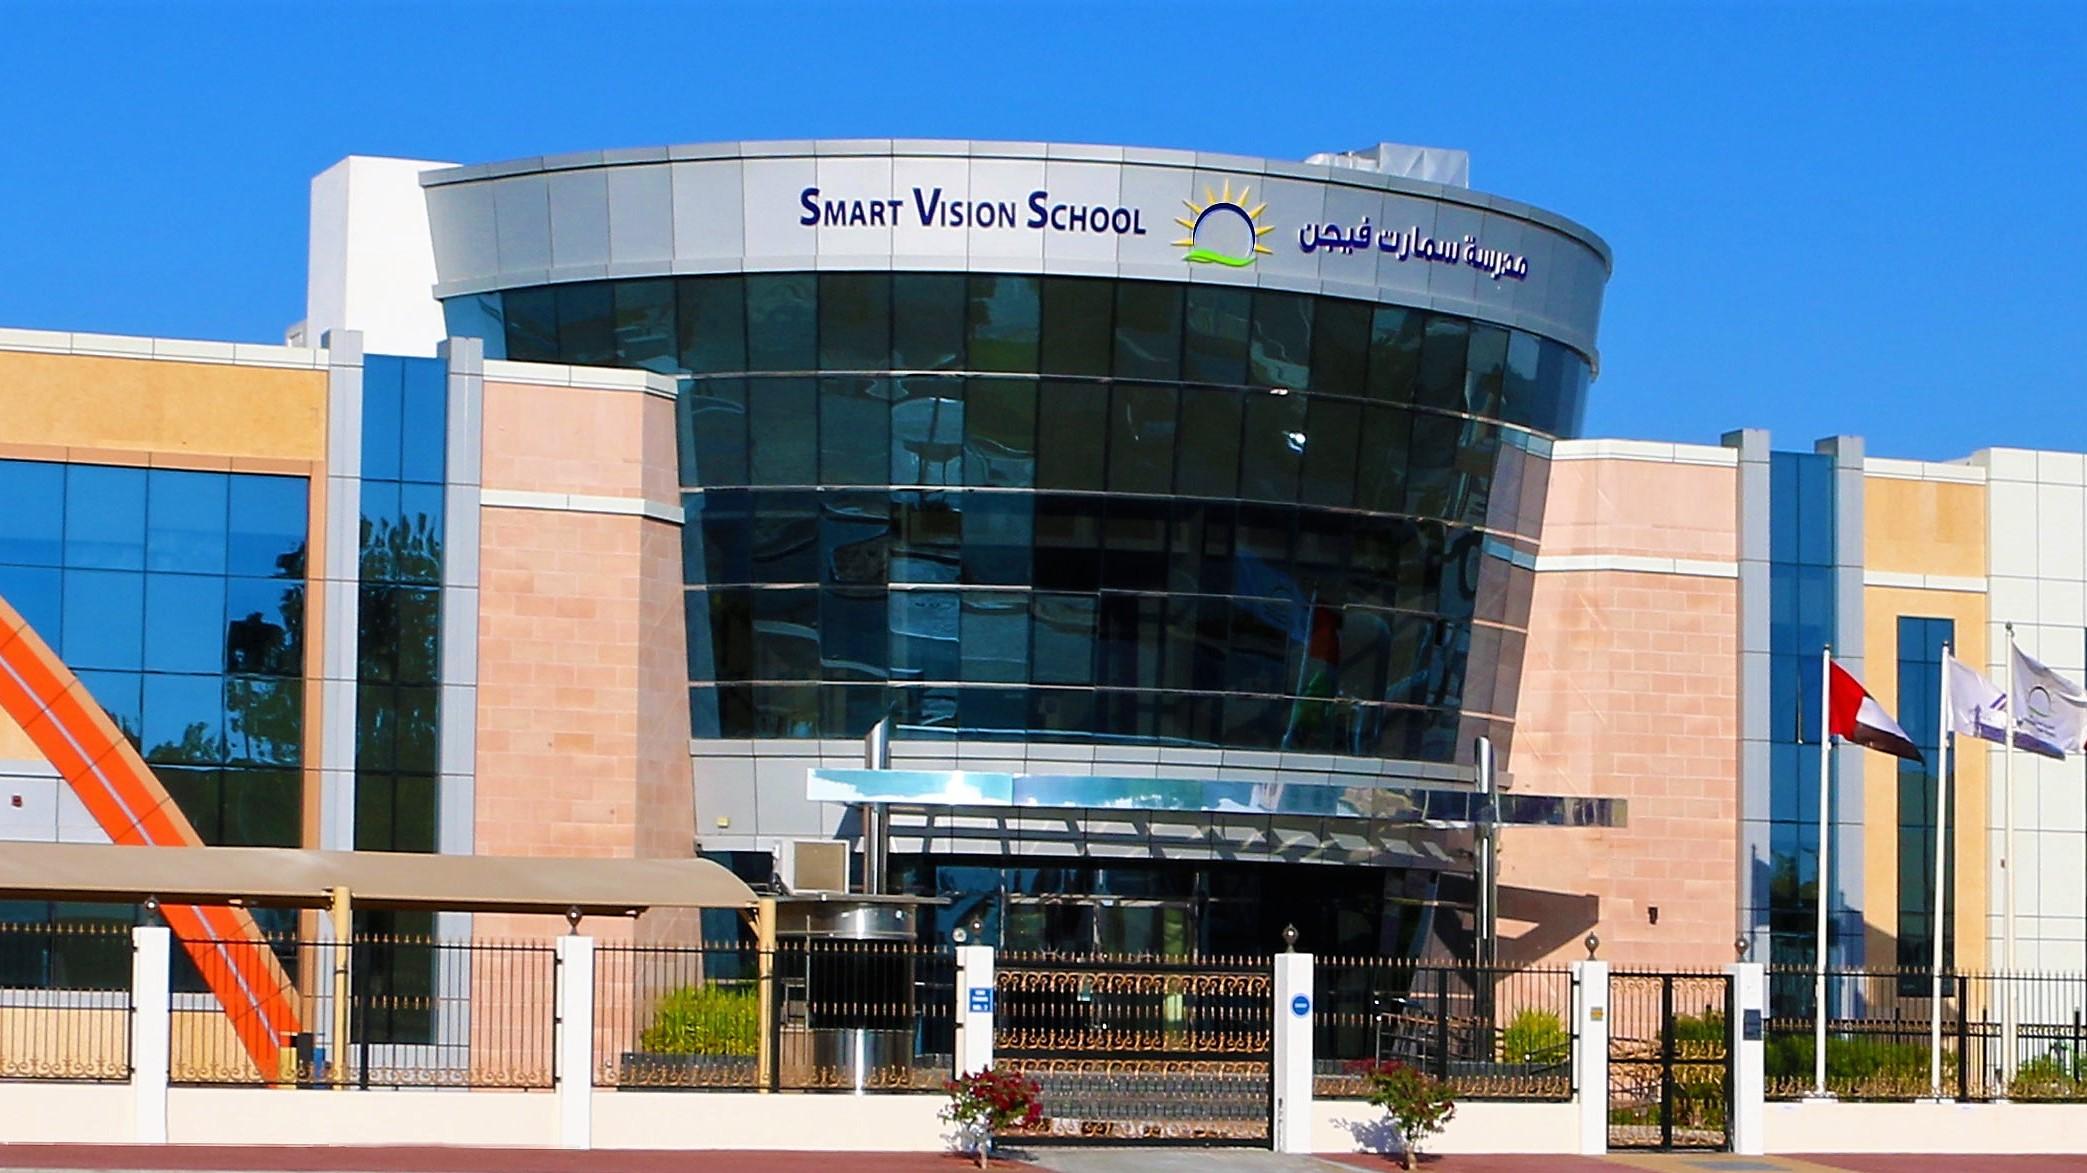 International_Schools_in_Dubai_I_Smart_Vision_School